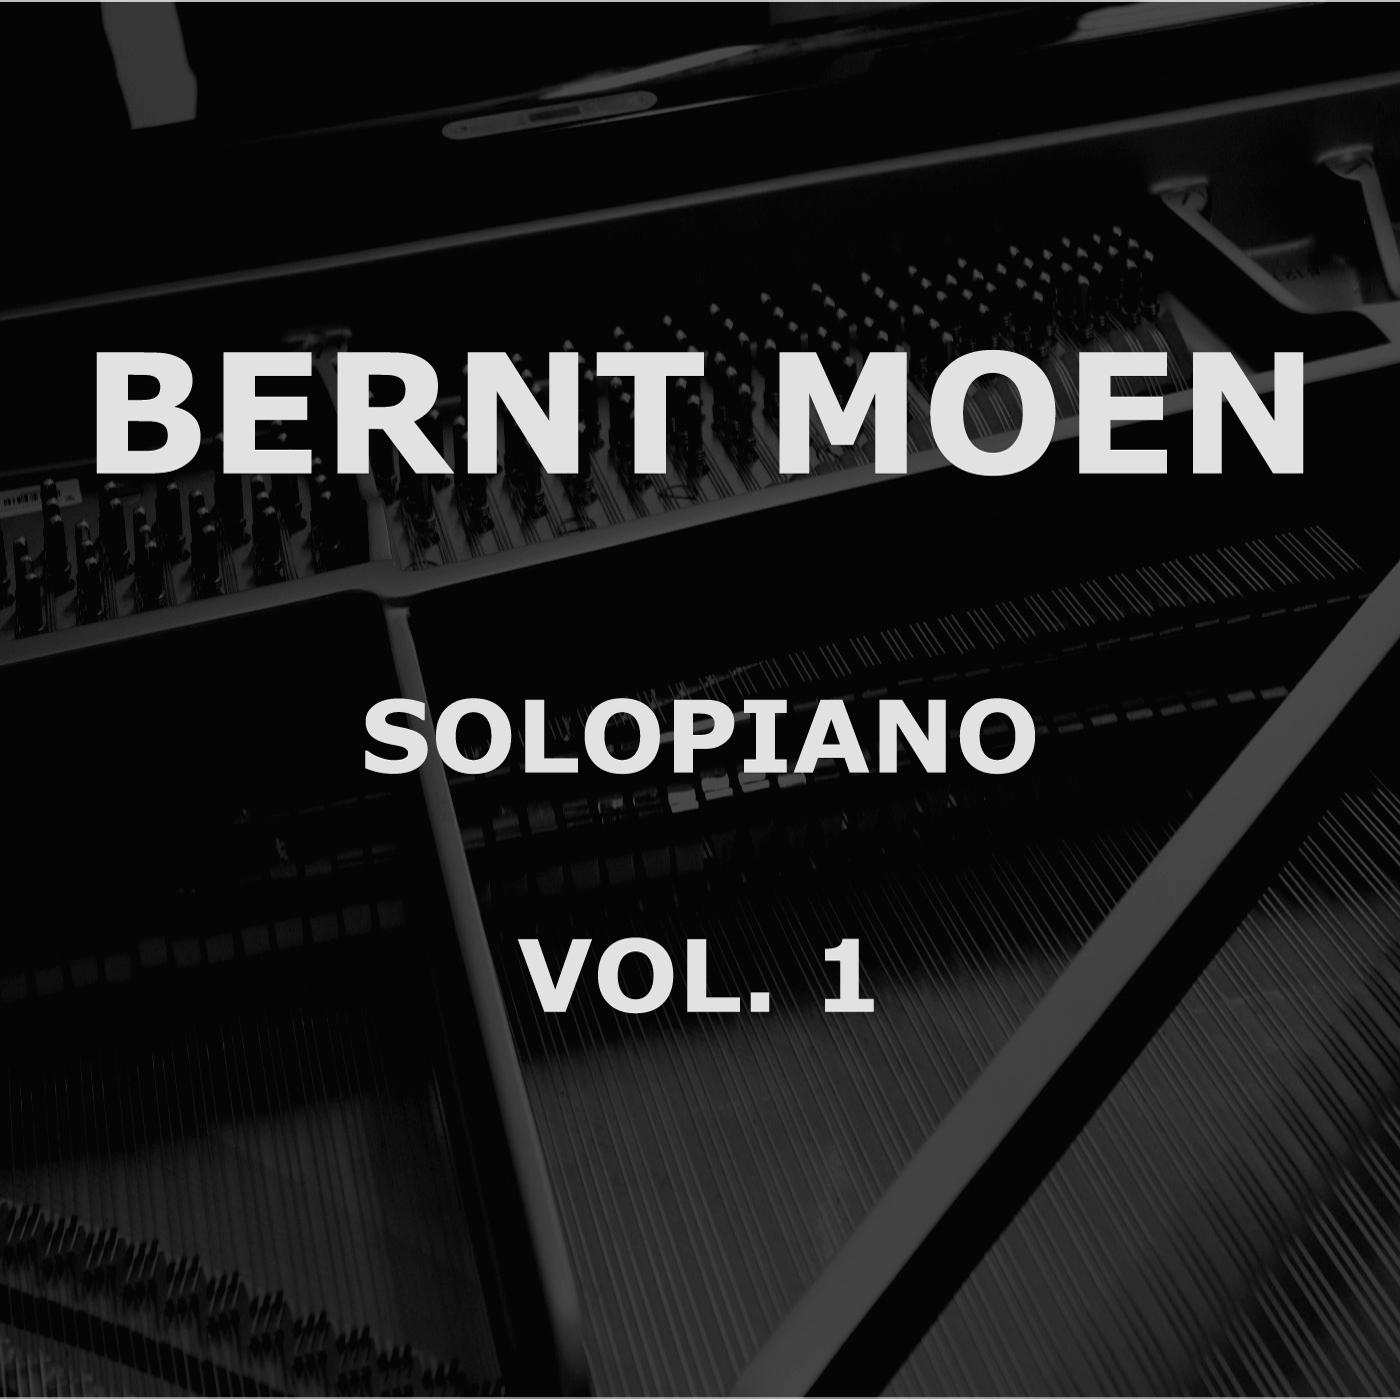 Album Solopiano Vol. 1 by Bernt Moen